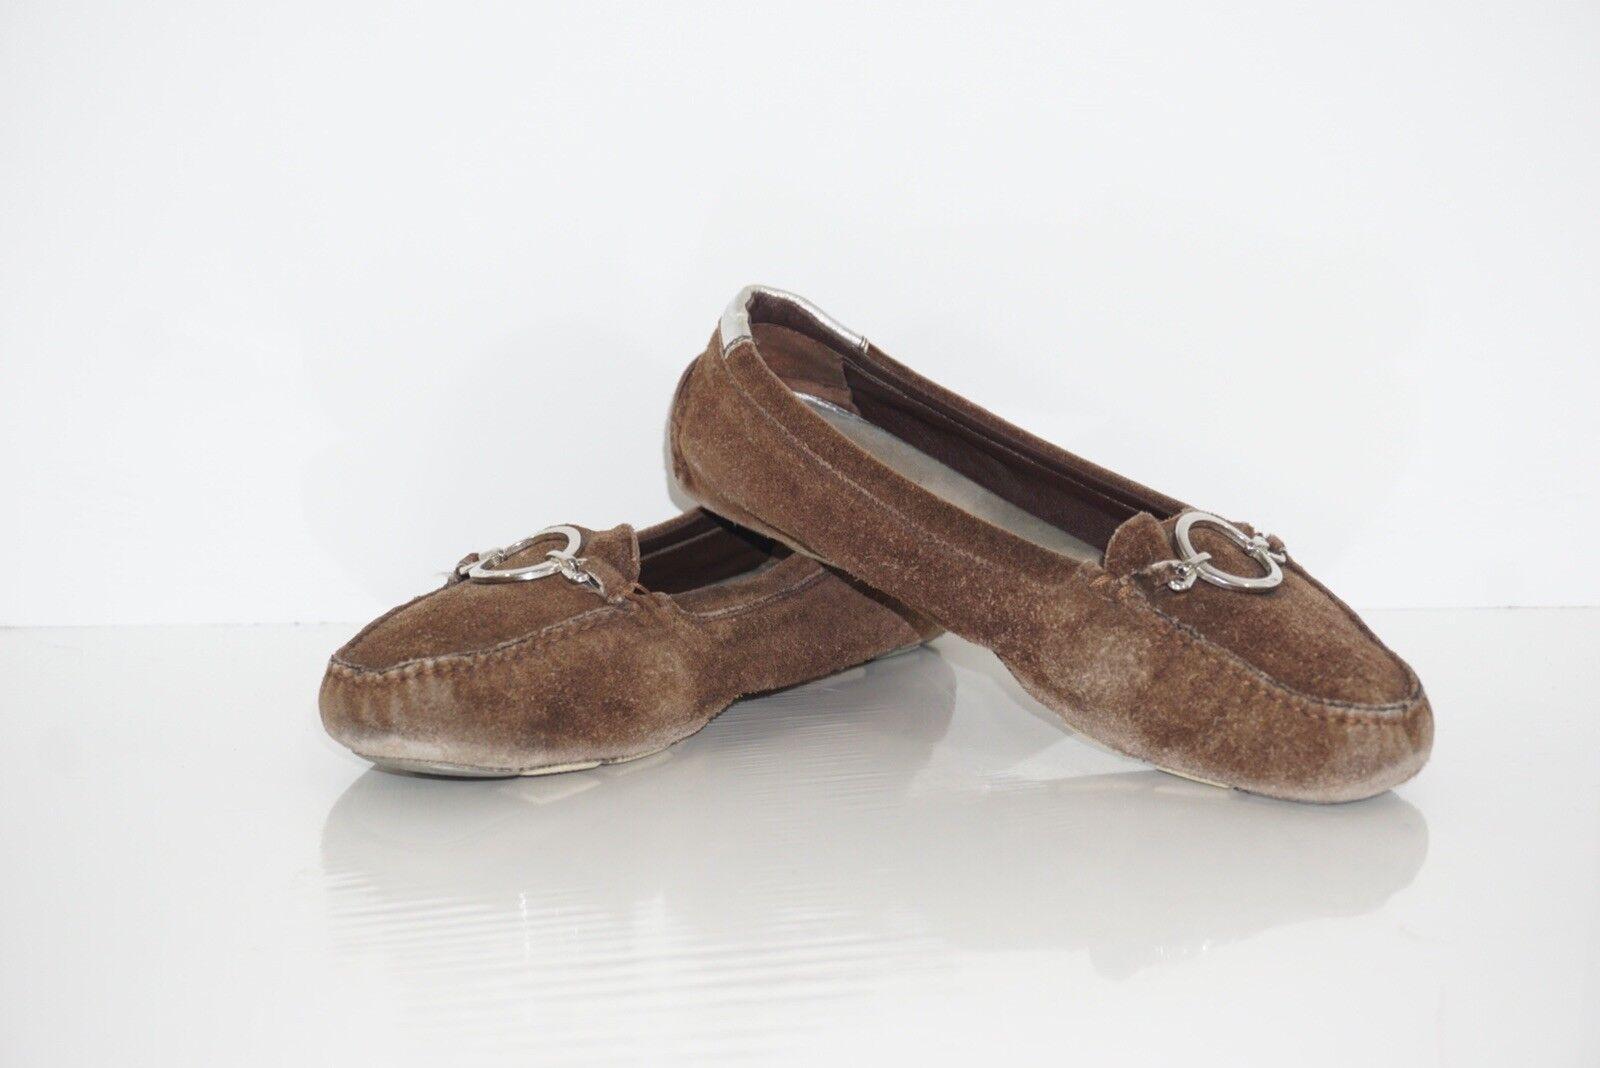 Braun Suade Prada Driving Loafers Größe Größe Größe 391/2. Prada Loafers . d4c05b